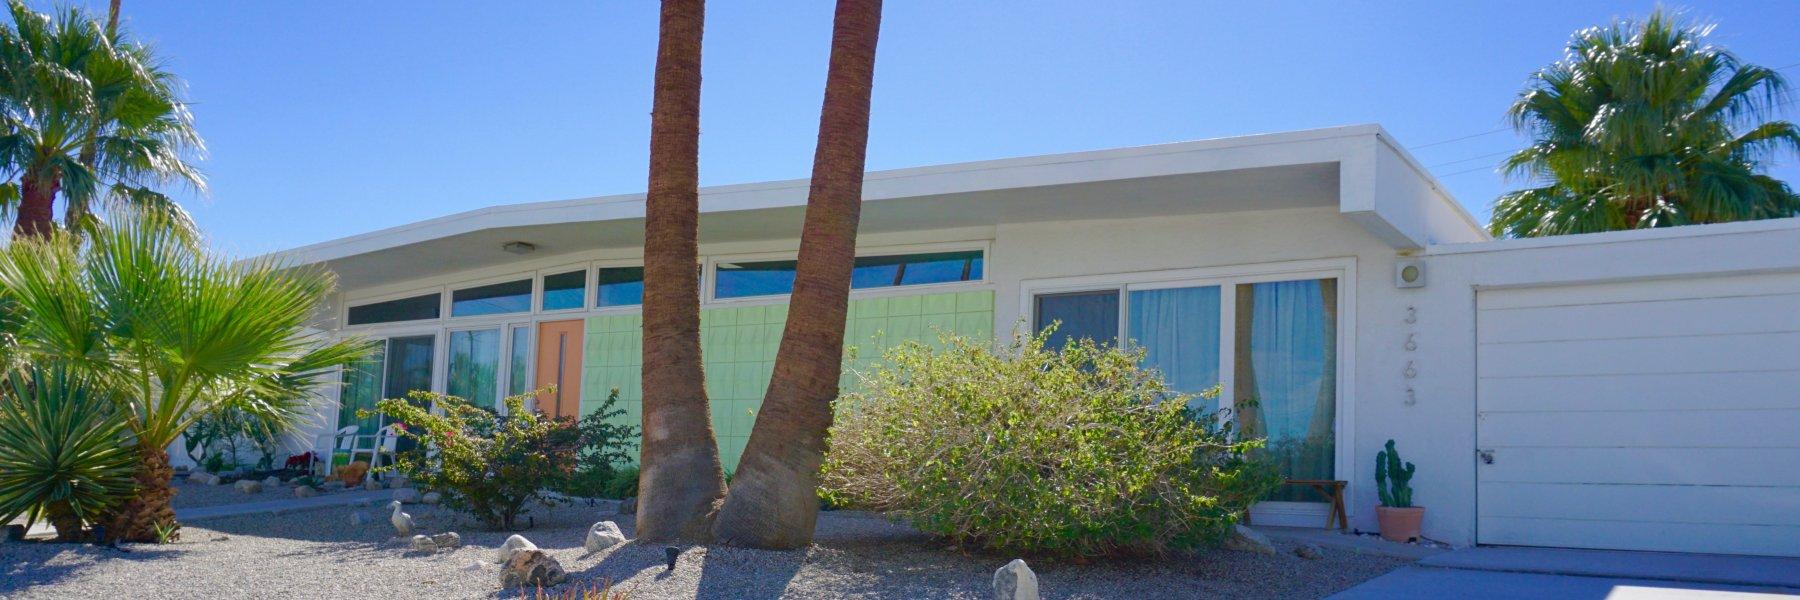 El Rancho Vista Estates is a community of homes in Palm Springs California